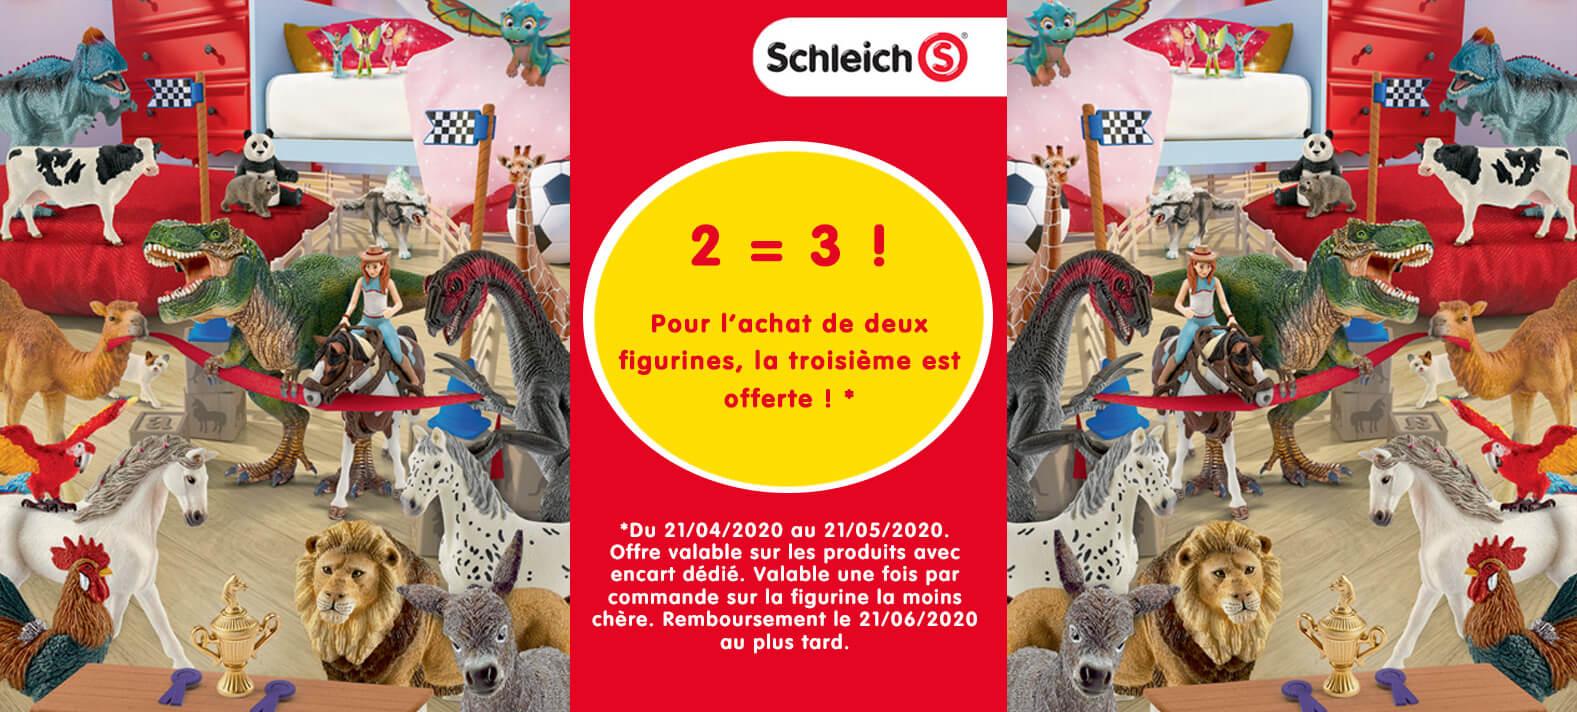 Figurines Schleich : 2 = 3 !